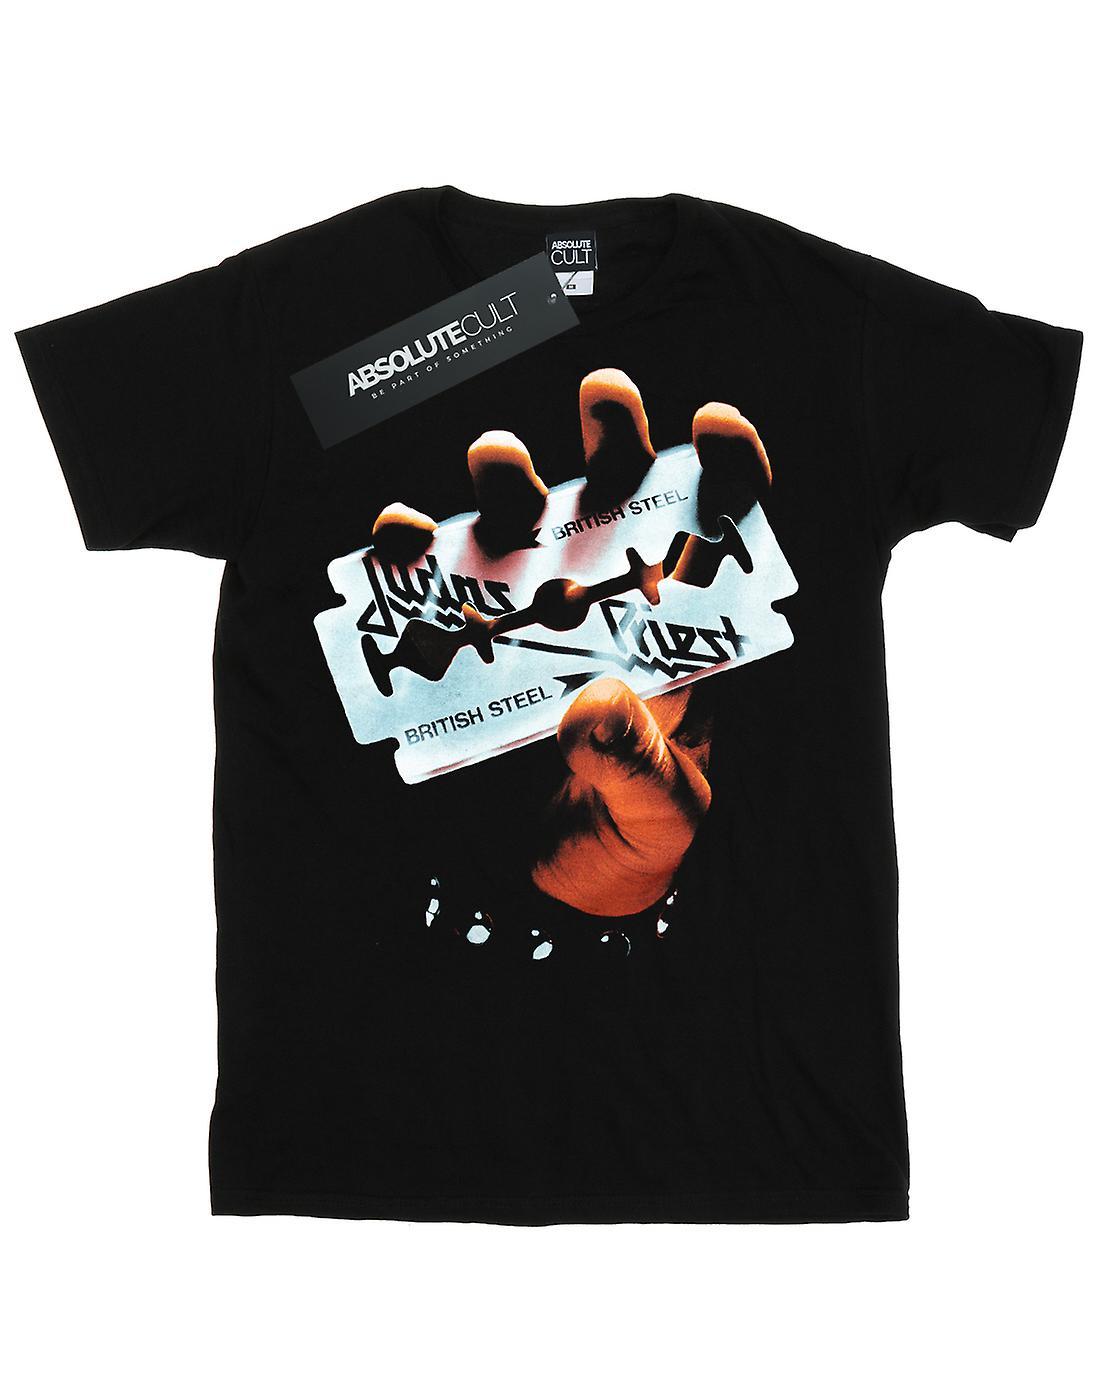 Judas Priest Women's British Steel Boyfriend Fit T-Shirt